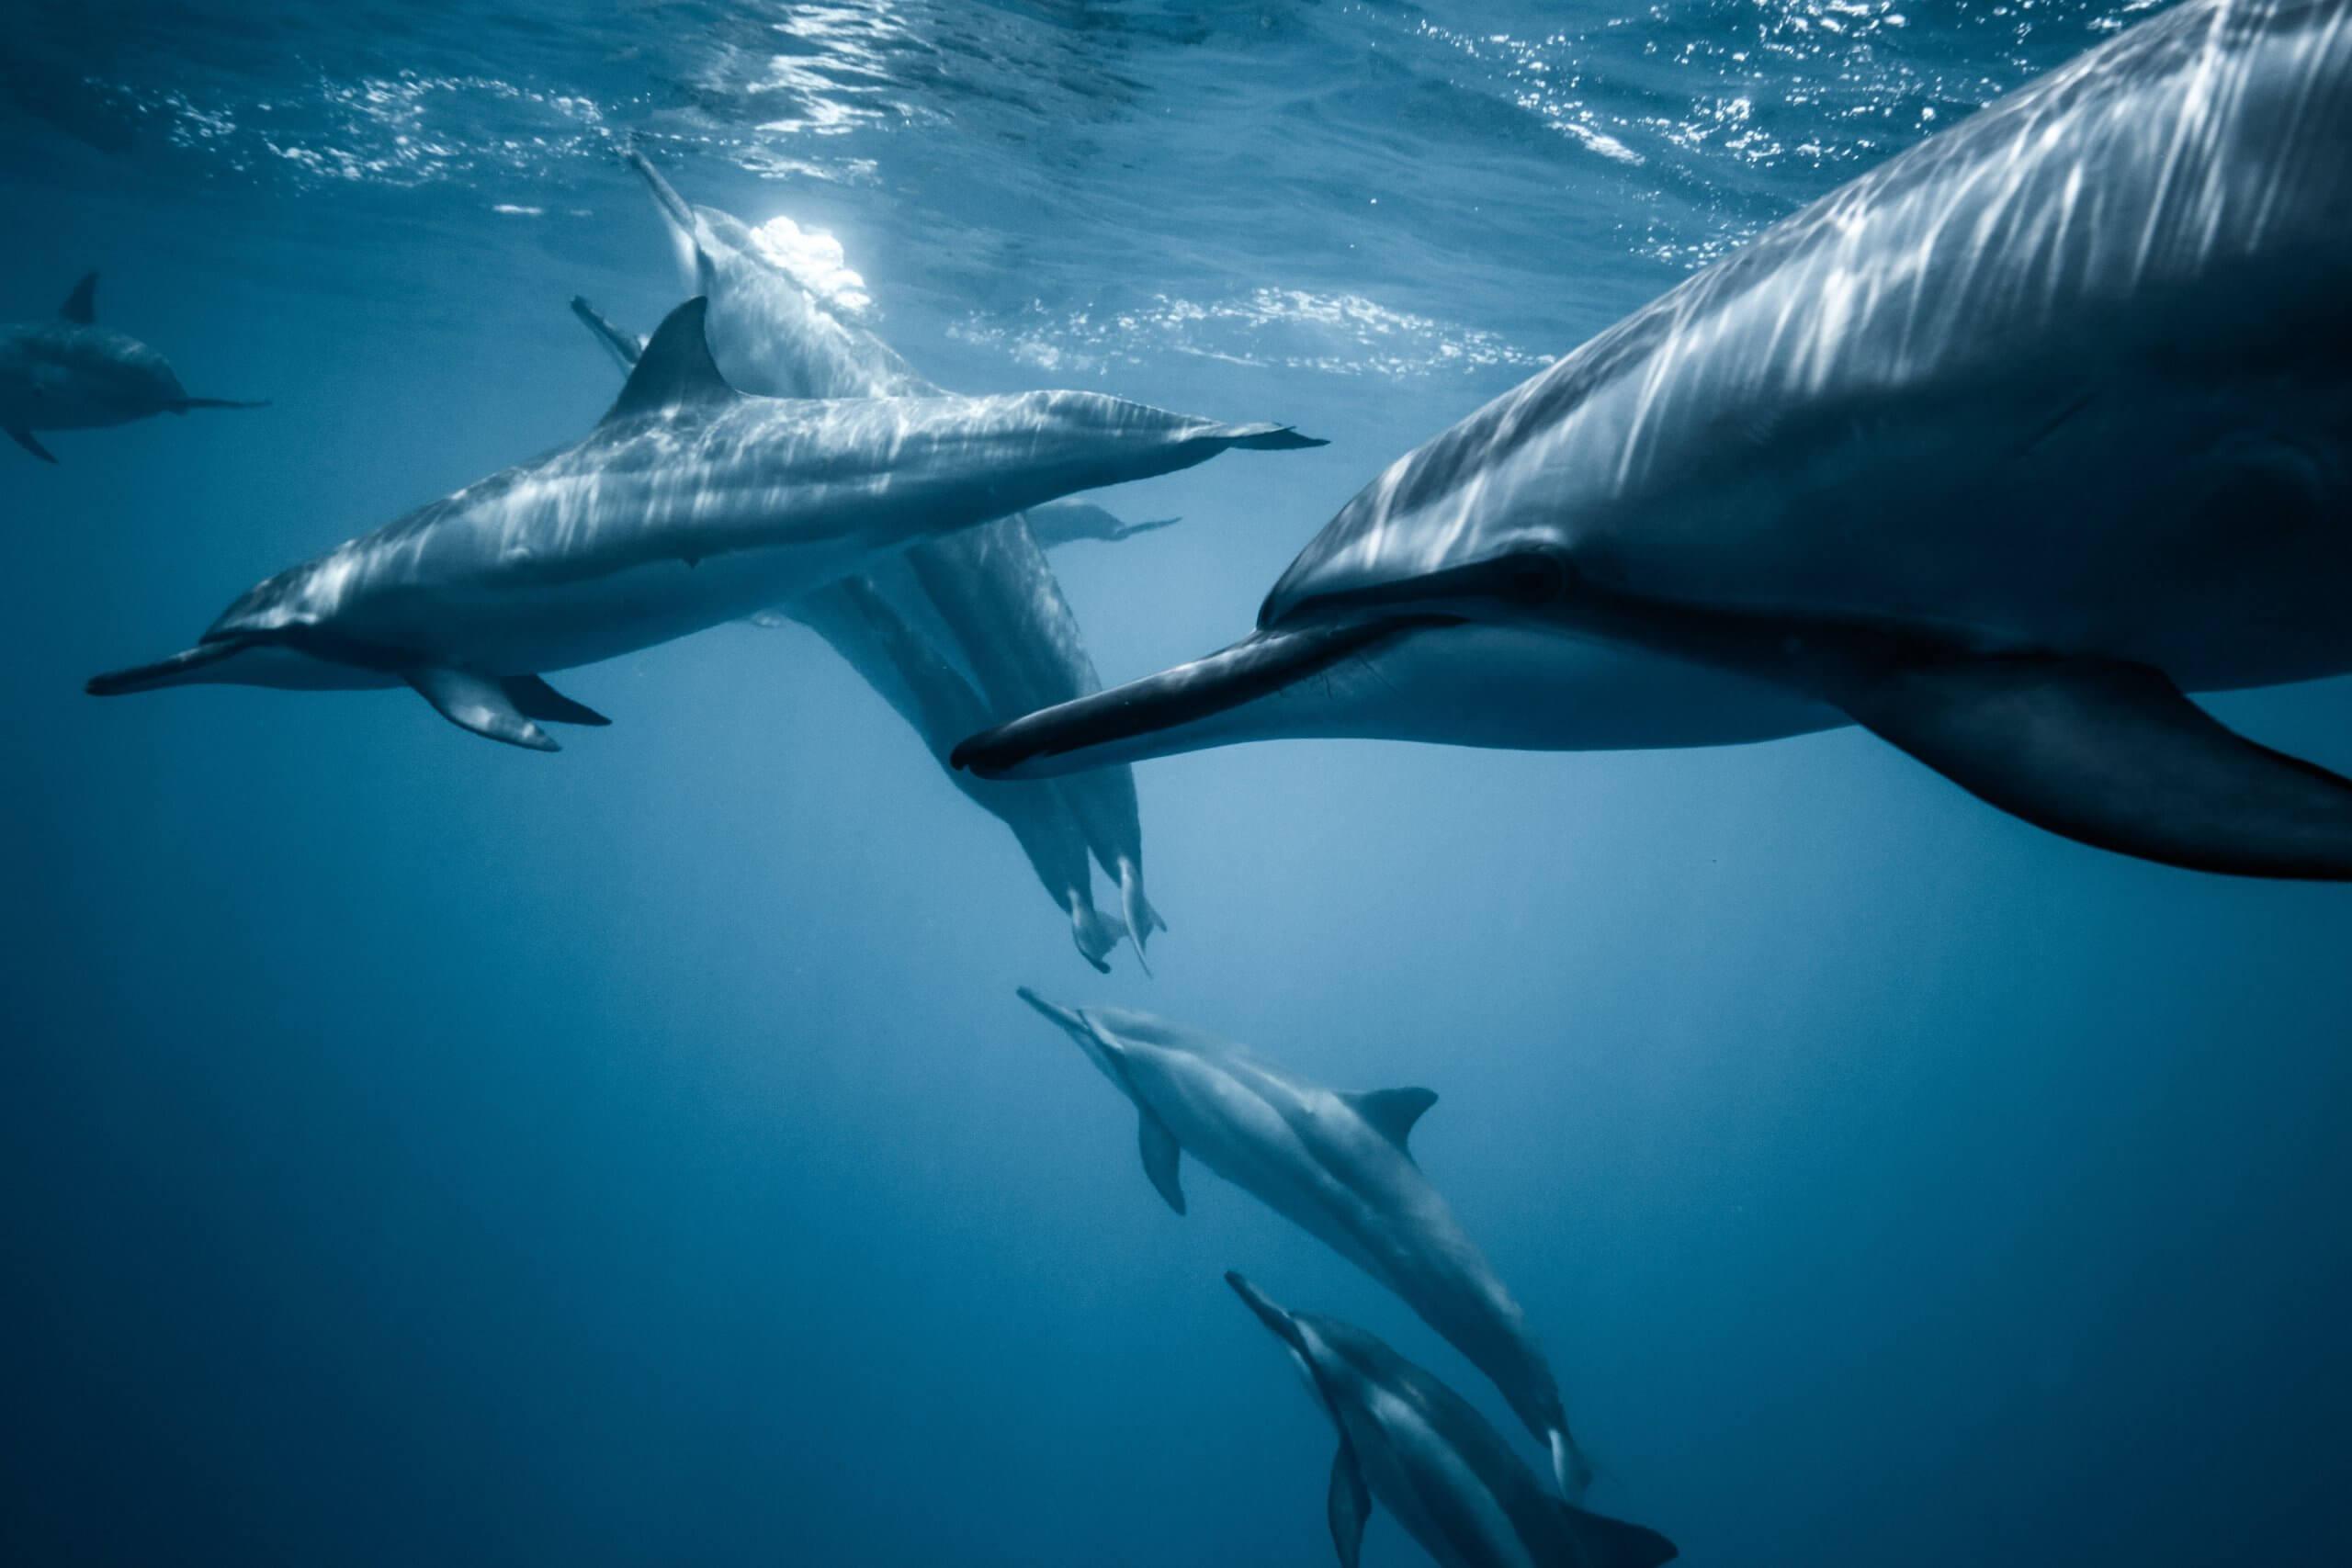 Що їдять дельфіни?